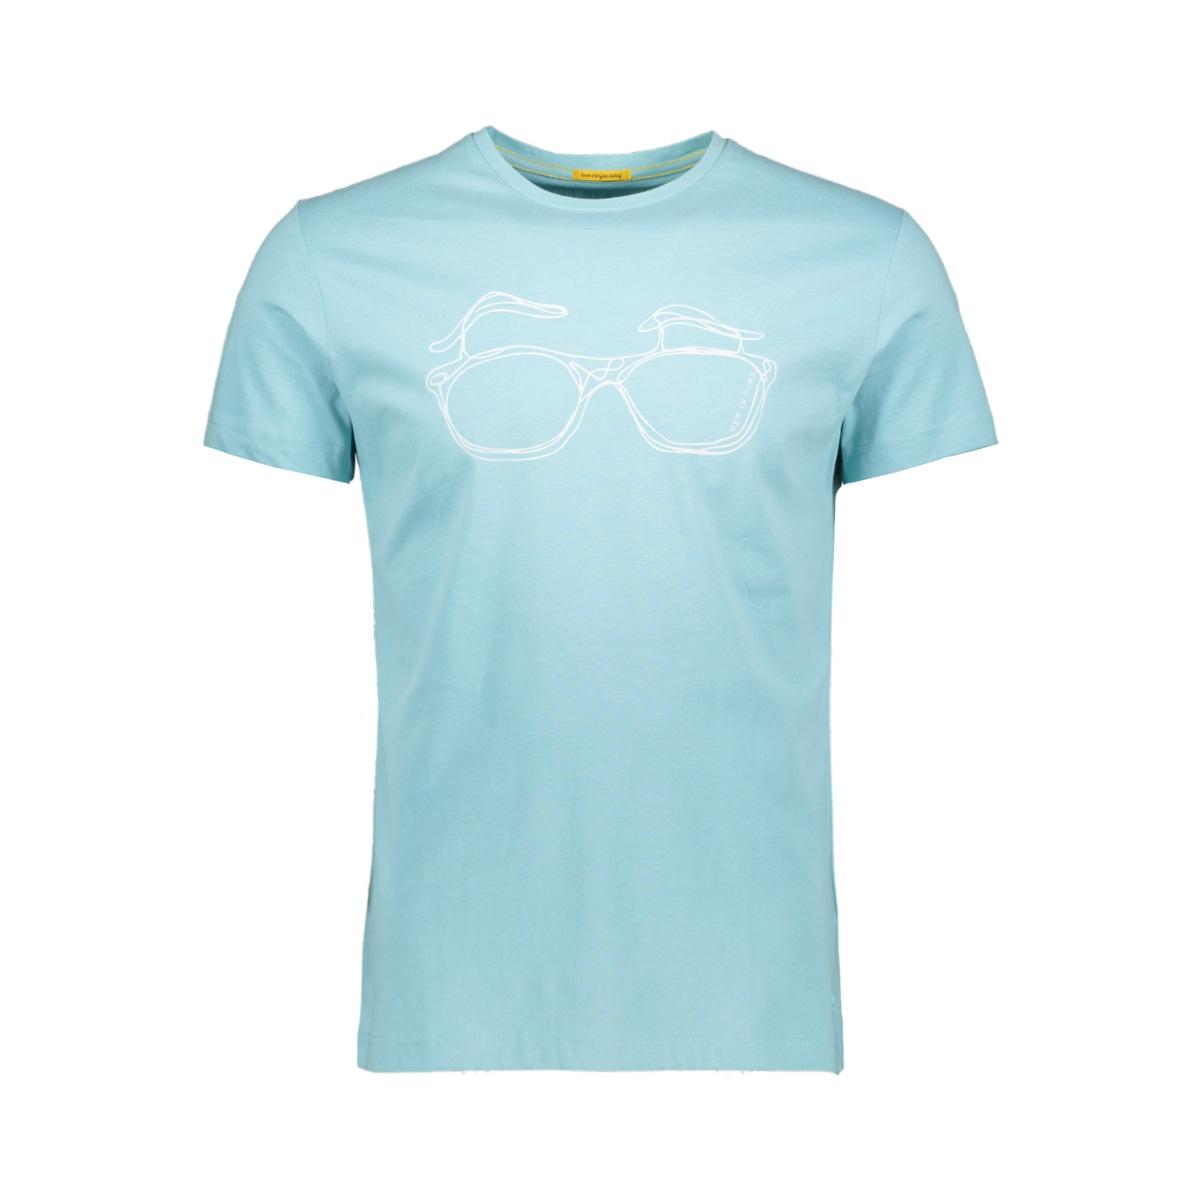 serafino t shirt 8923044 new in town t-shirt 416